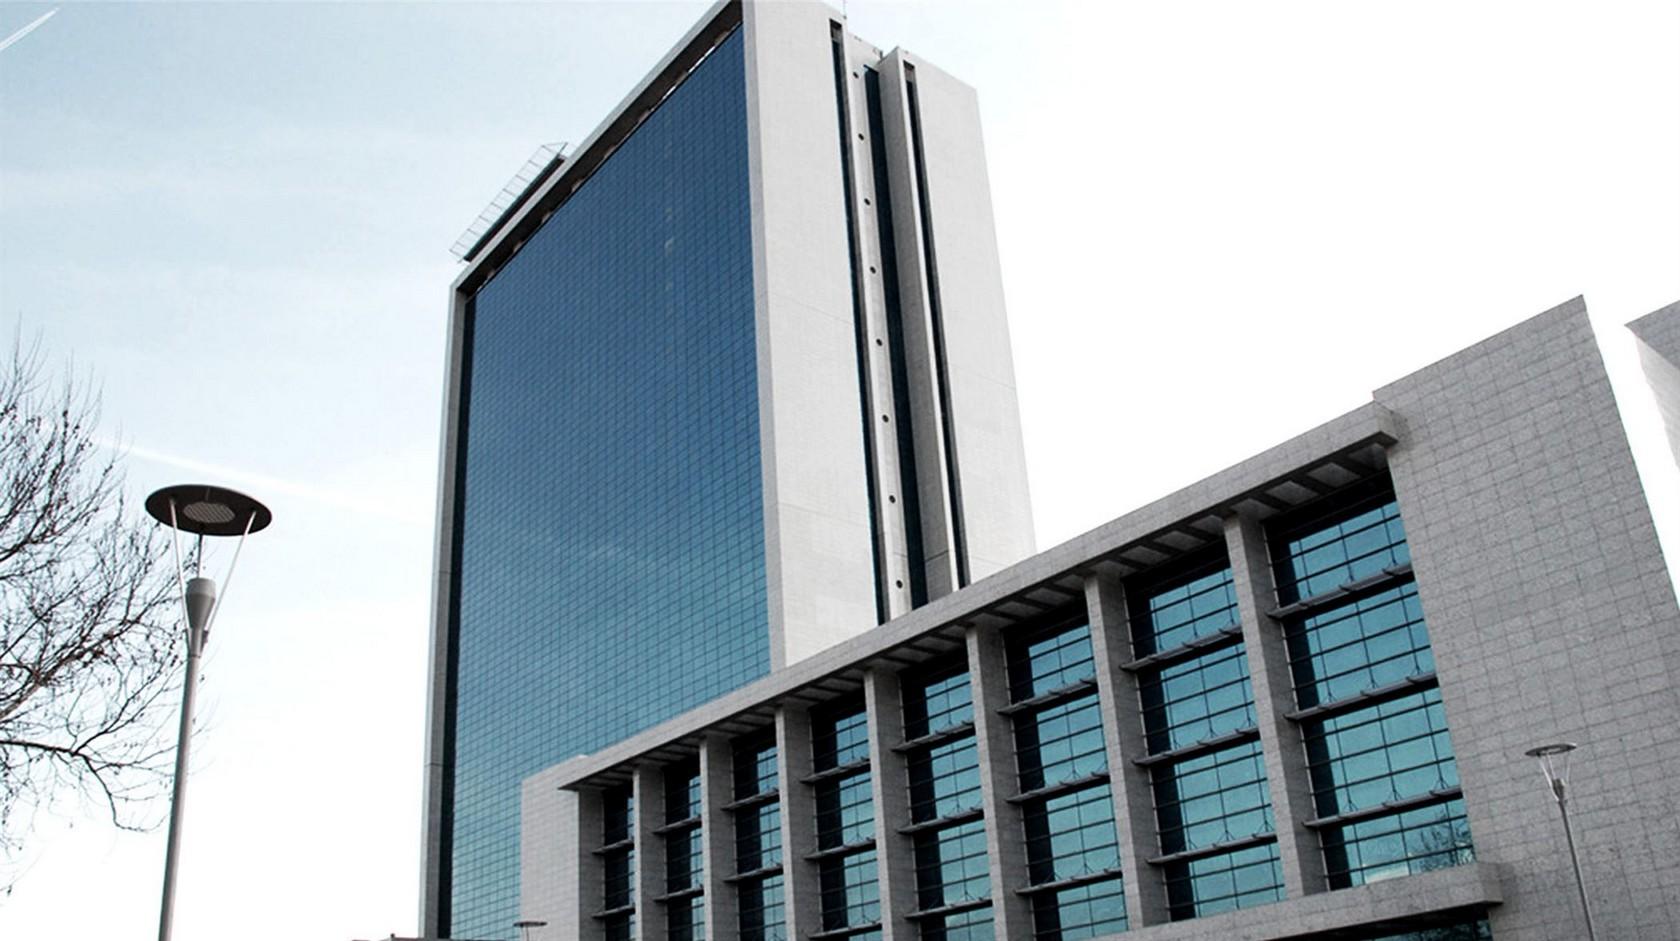 http://acemimarlik.com/Ankara Büyükşehir Belediyesi Hizmet Binası